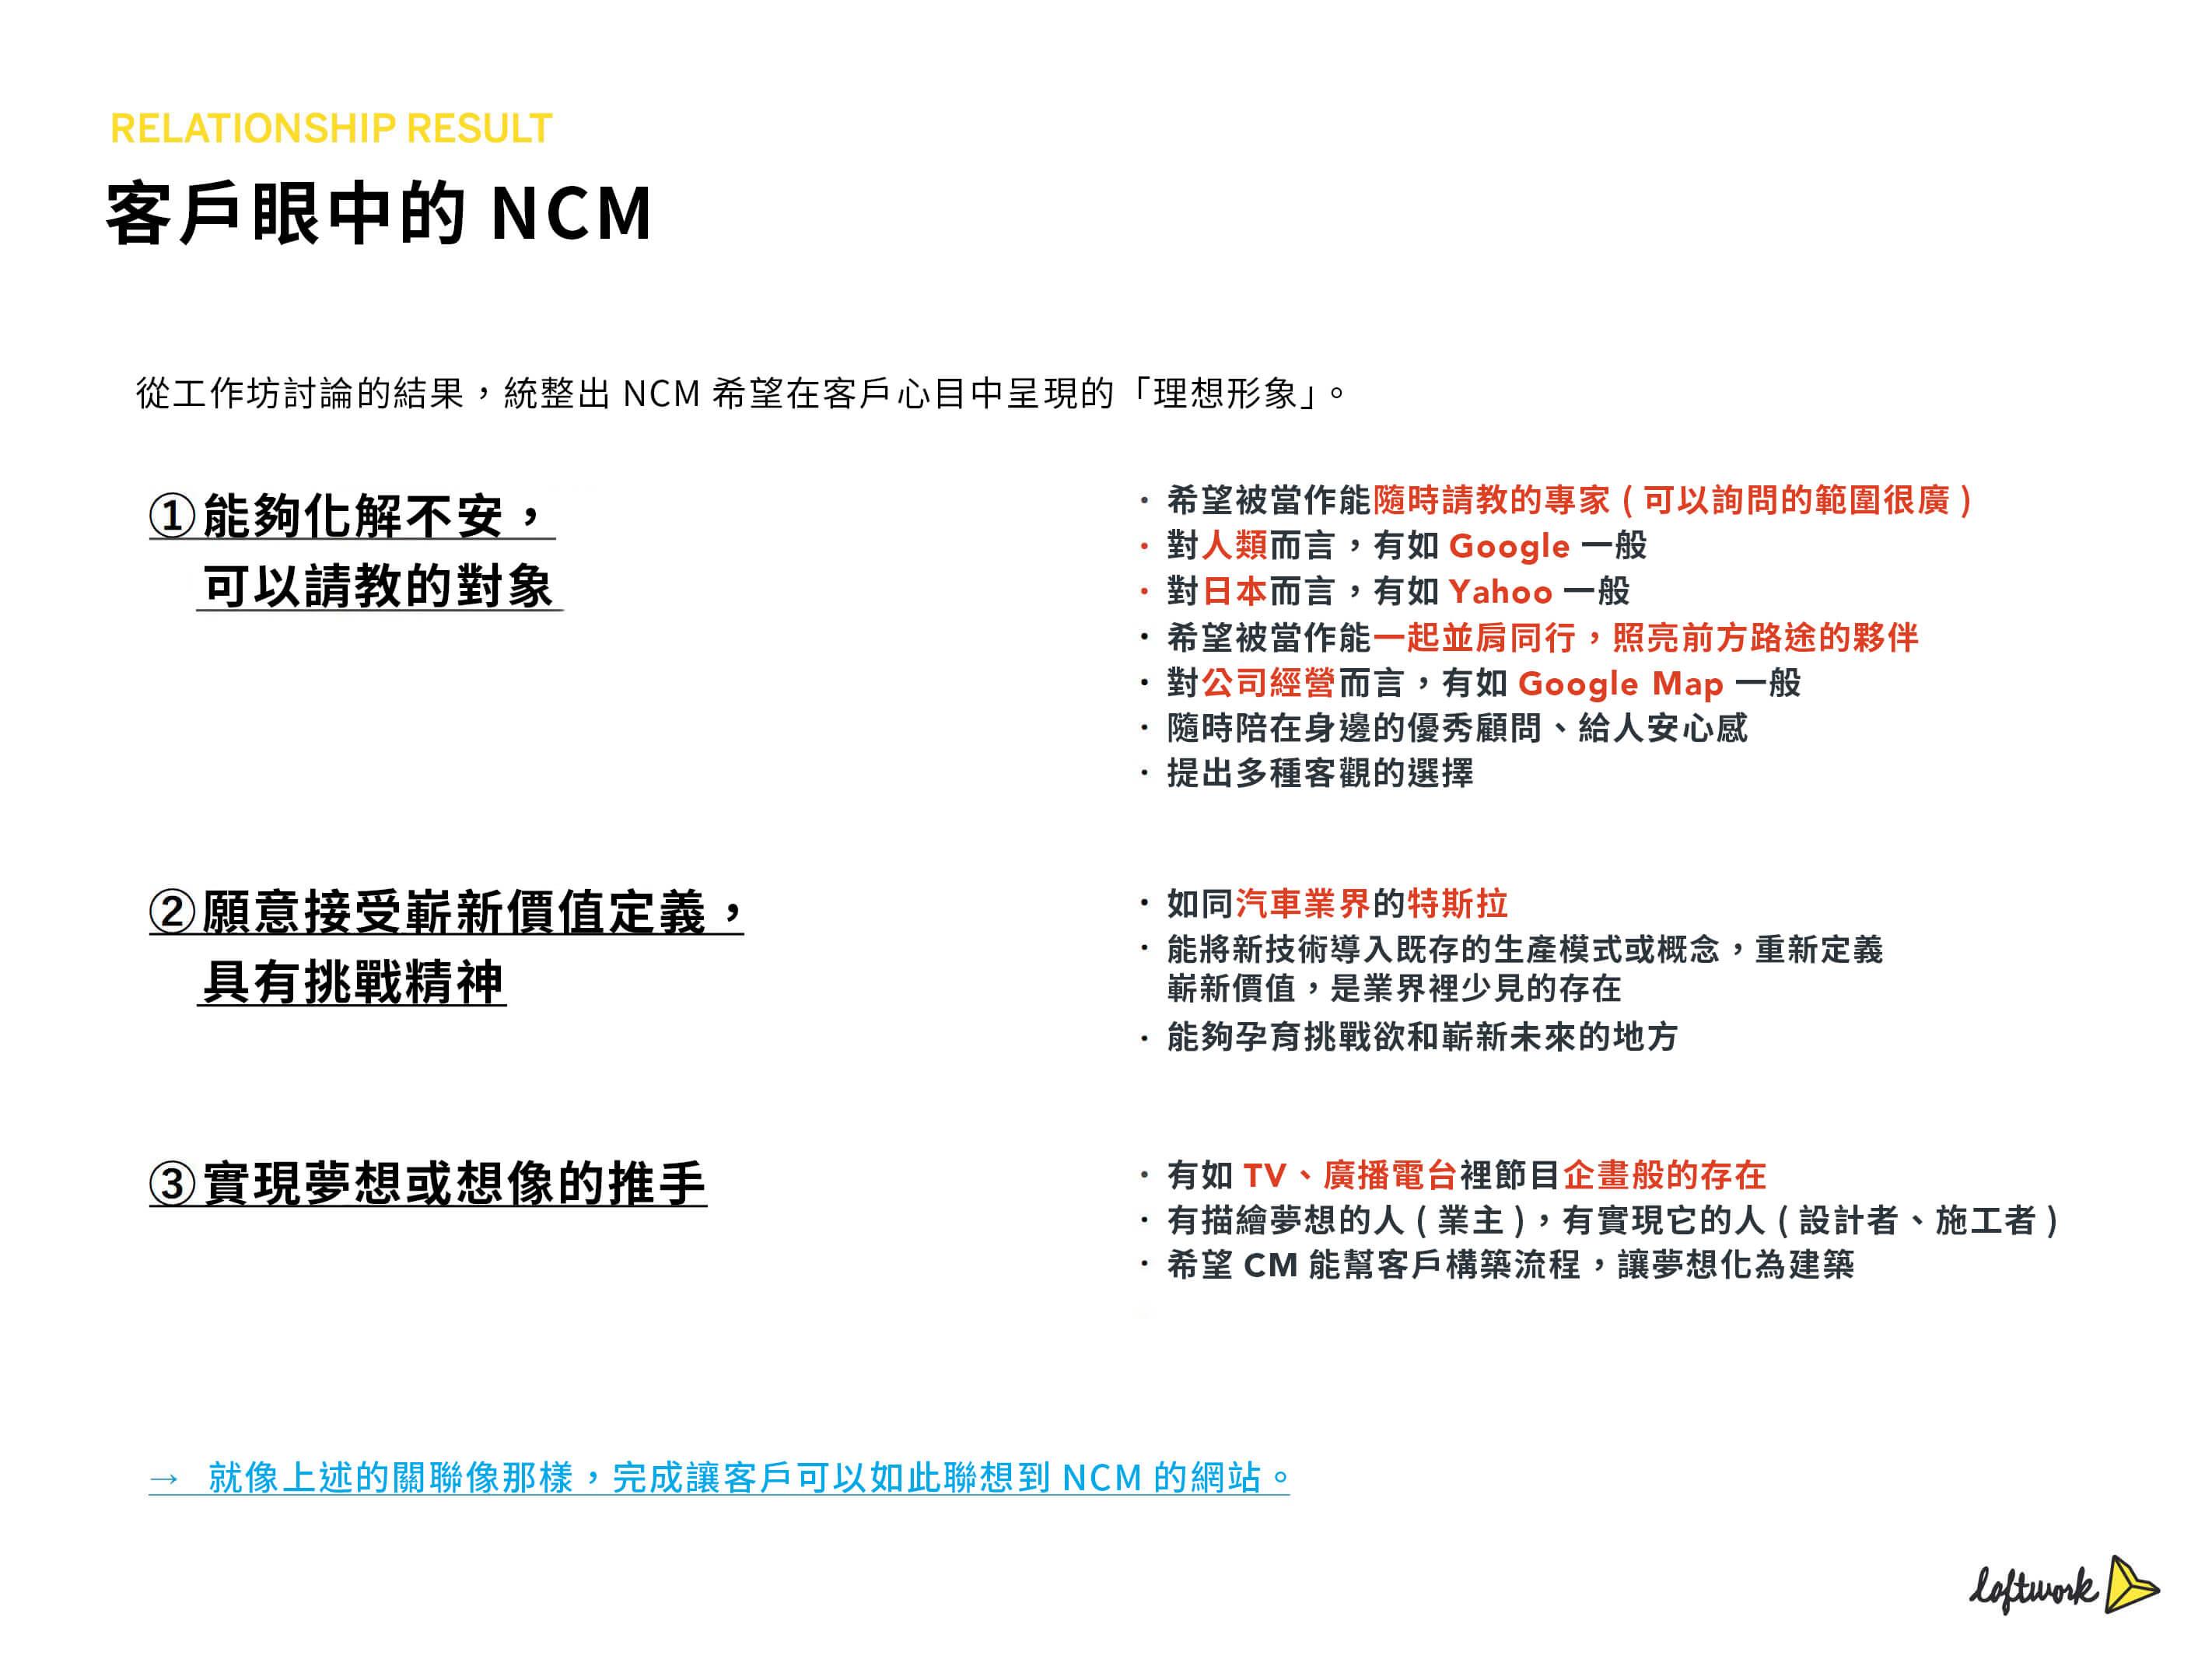 透過舉辦公司內部的工作坊,將「對客戶而言NCM的價值」、「客戶心目中理想的NCM」內容文字化。